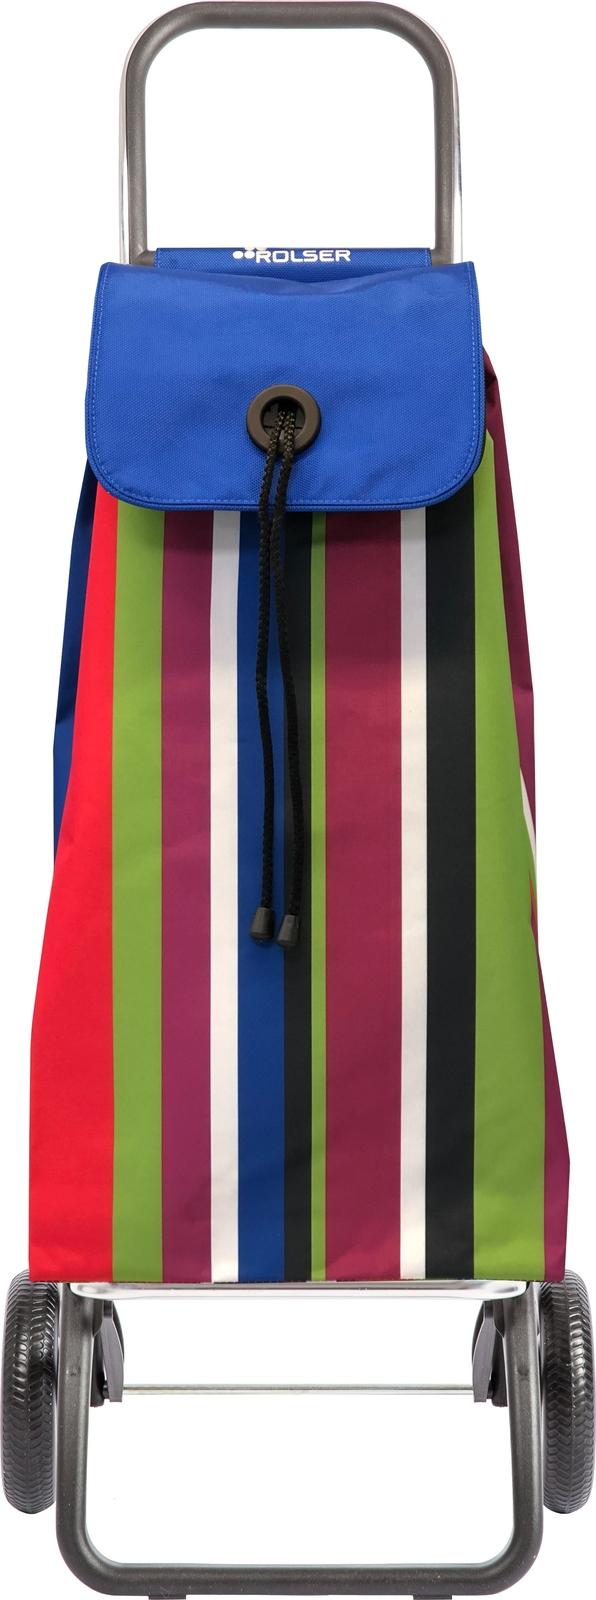 Фото - Сумка-тележка Rolser Convert RG, цвет: синий, 43 л. IMX120 сумка тележка rolser dos 2 цвет синий 48 л pac035